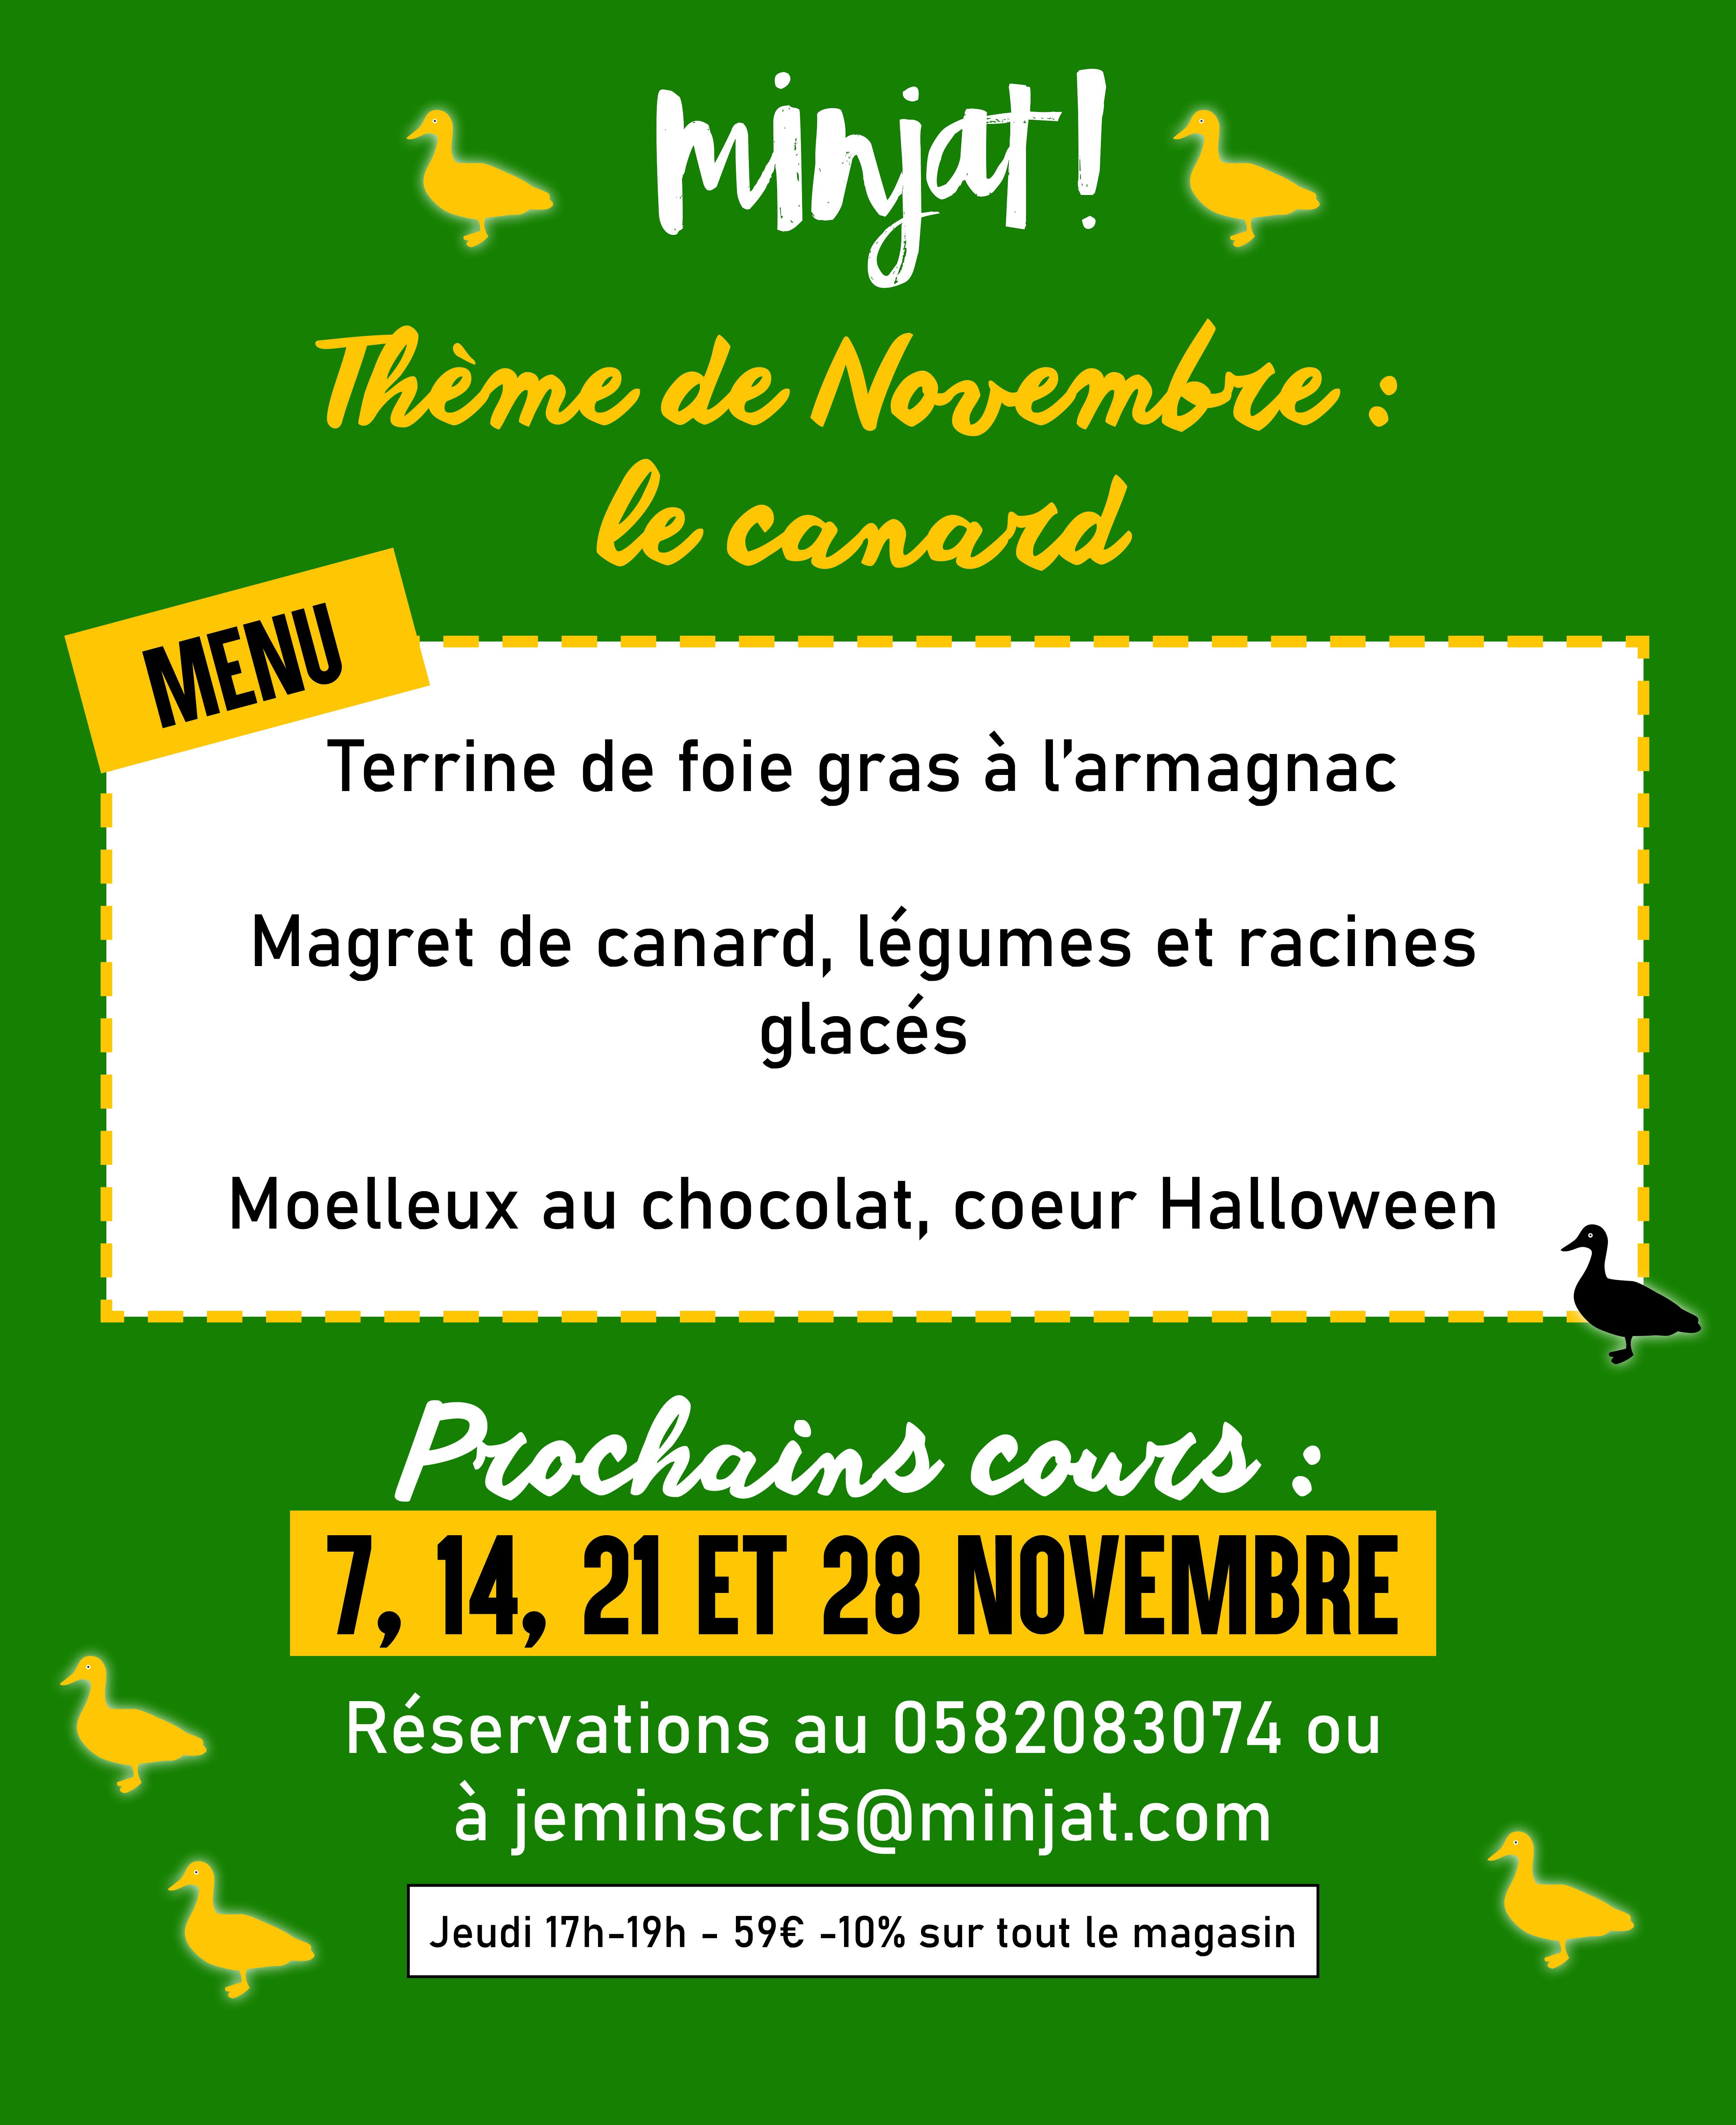 COURS DE CUISINE NOVEMBRE : LE CANARD